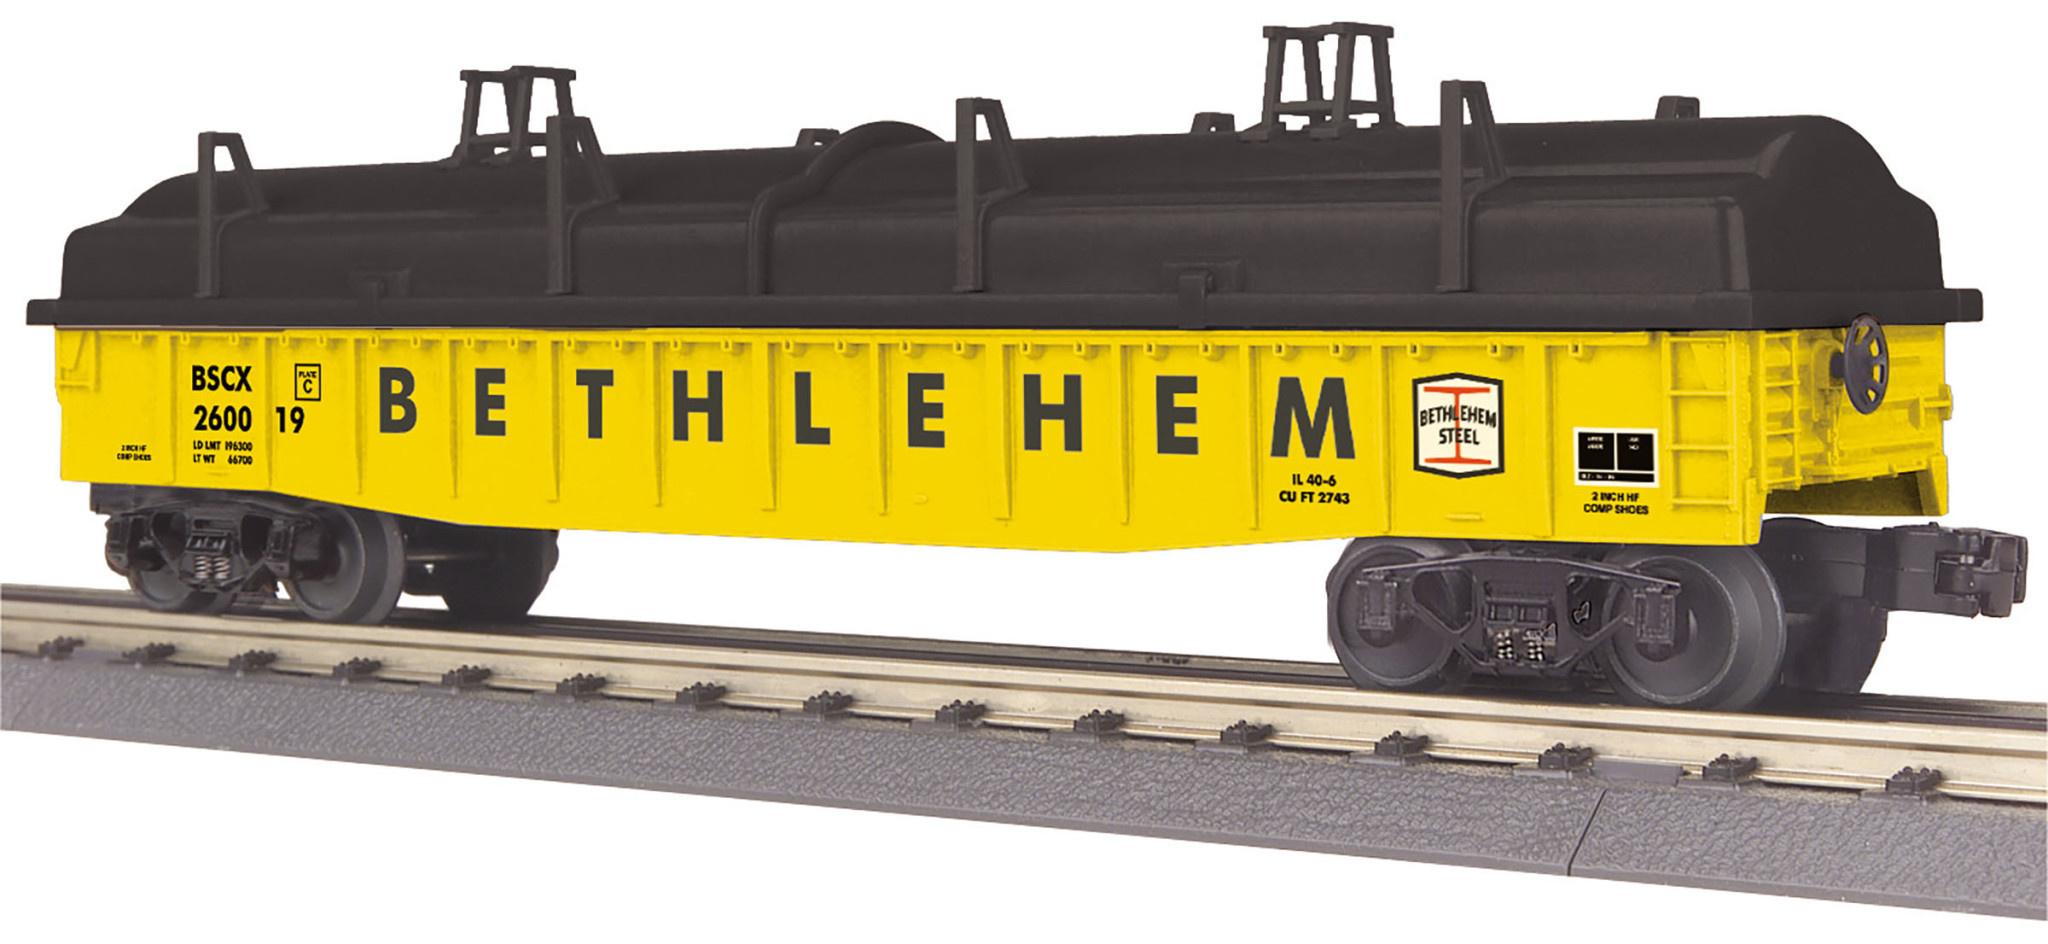 MTH - RailKing Bethlehem Steel Gondola Car w/Cover